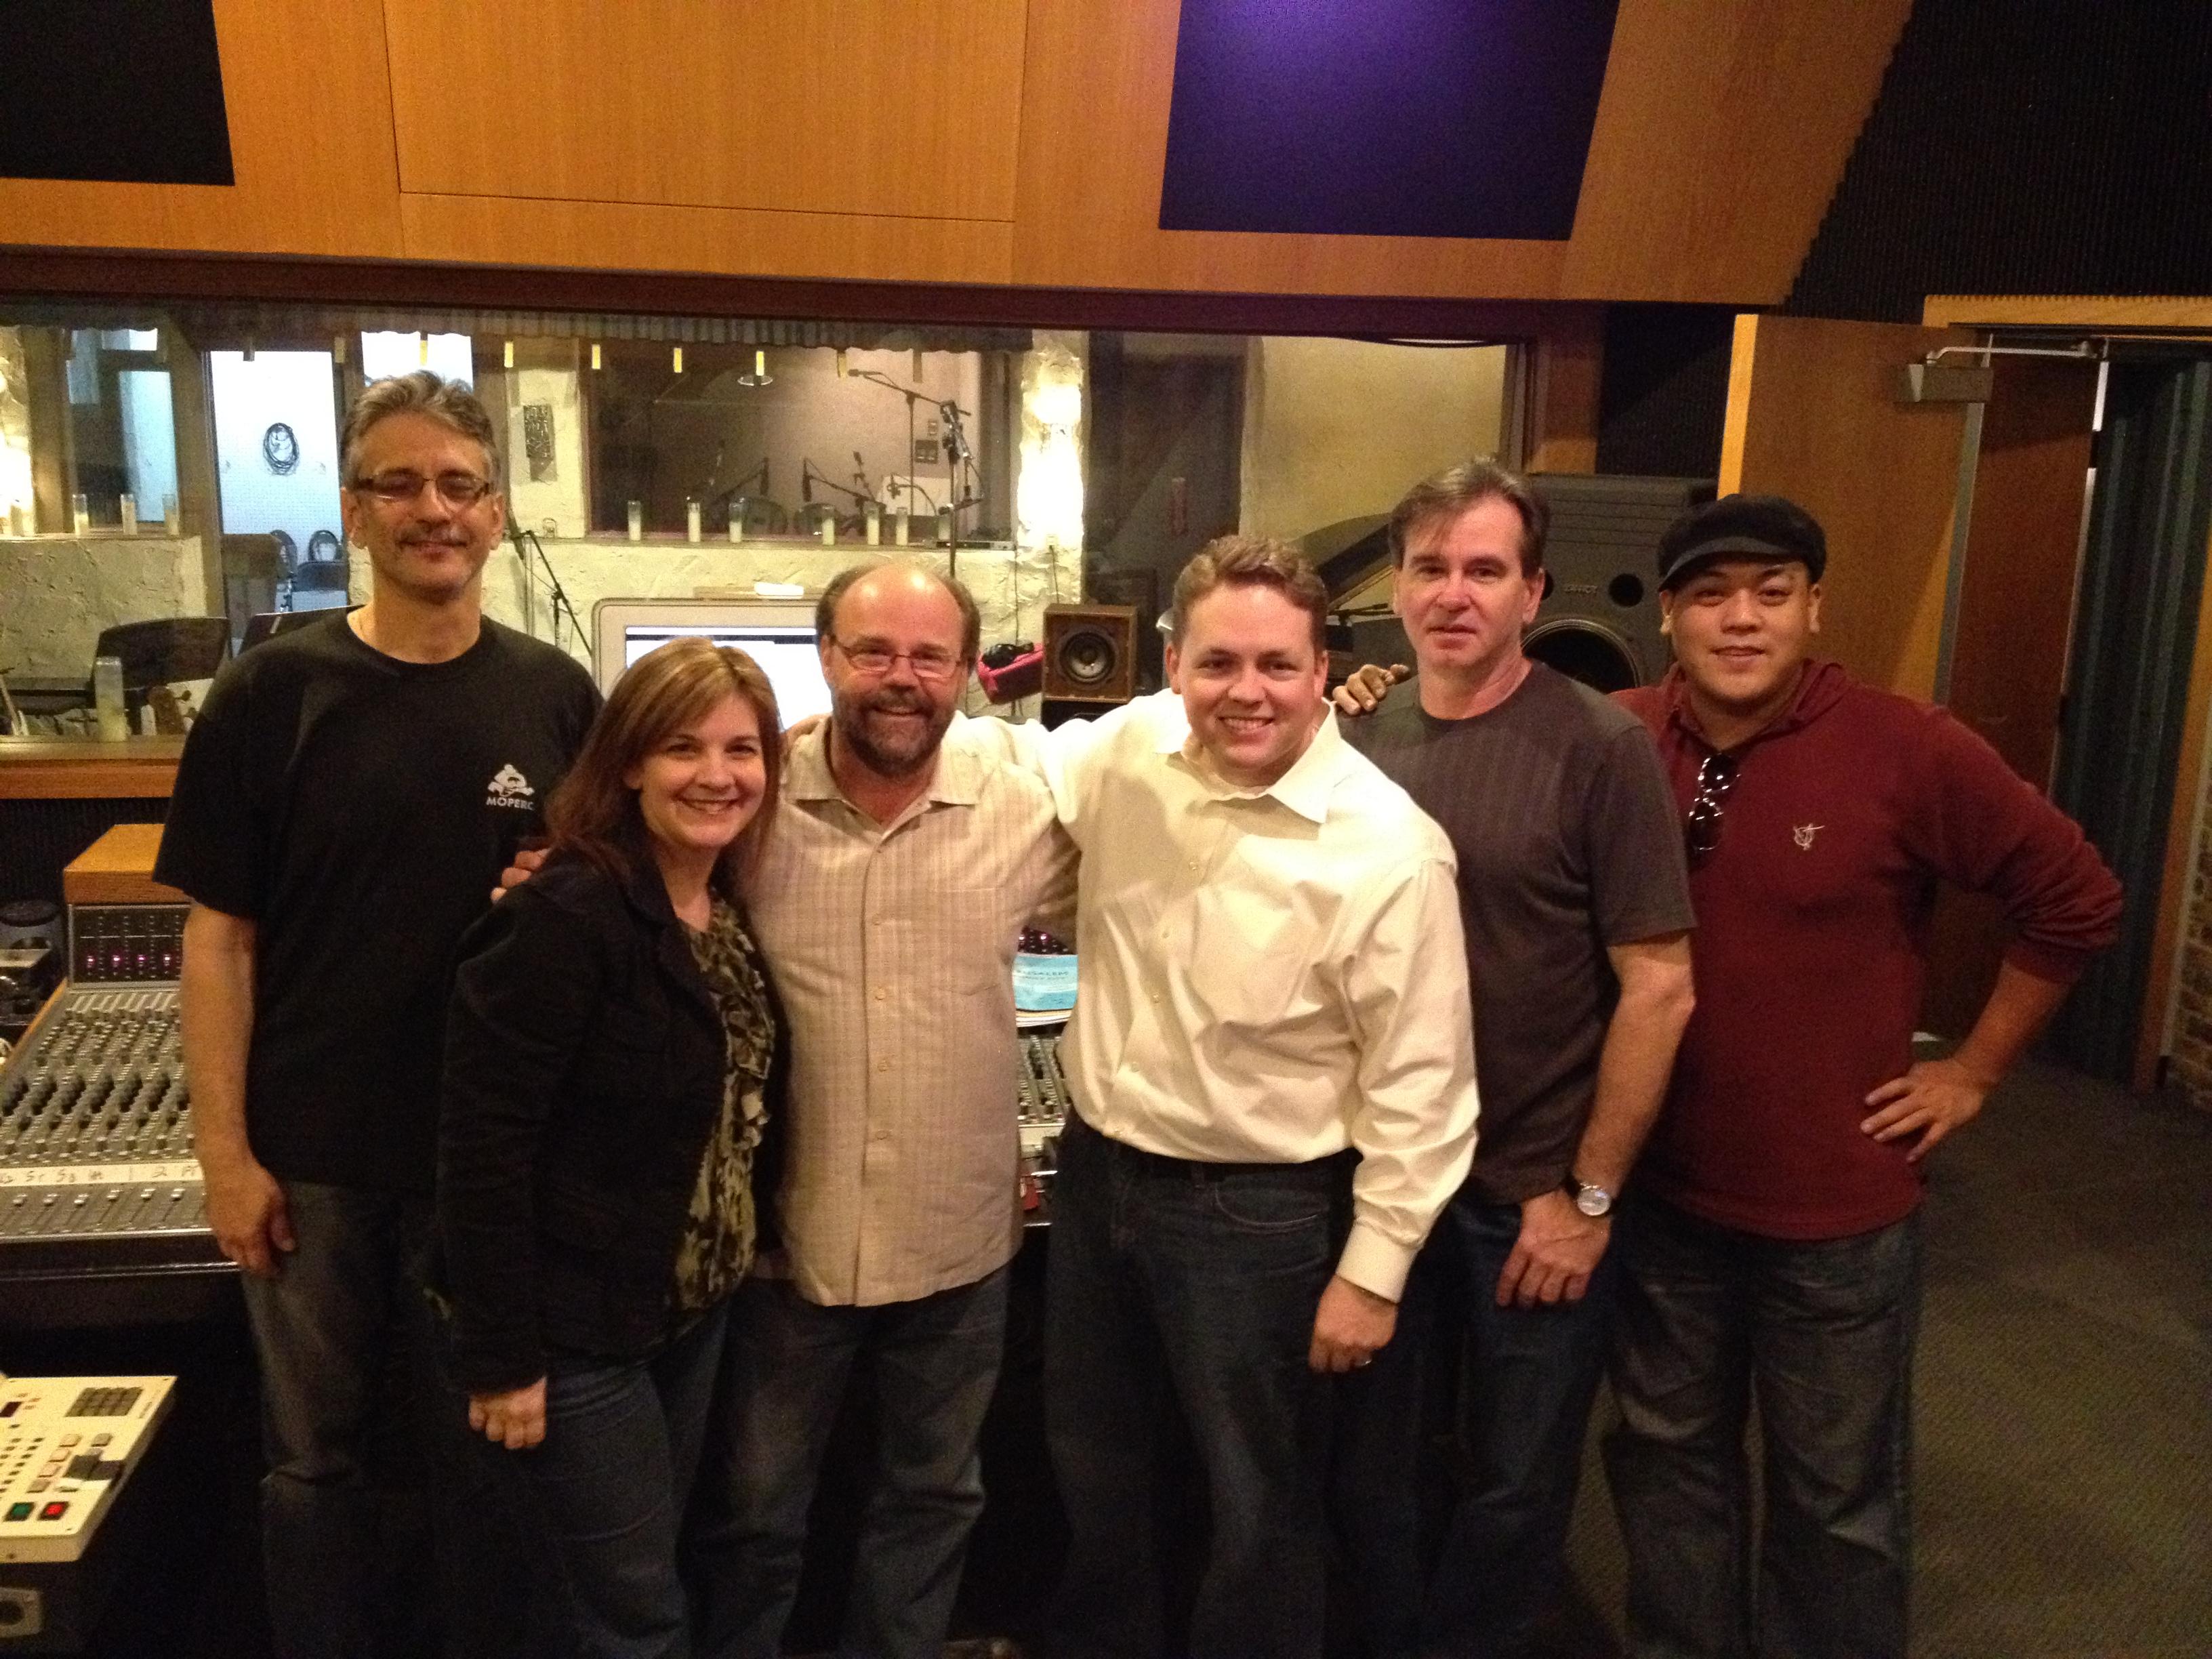 Houston's First Baptist - Rhythm Section with John Bolin